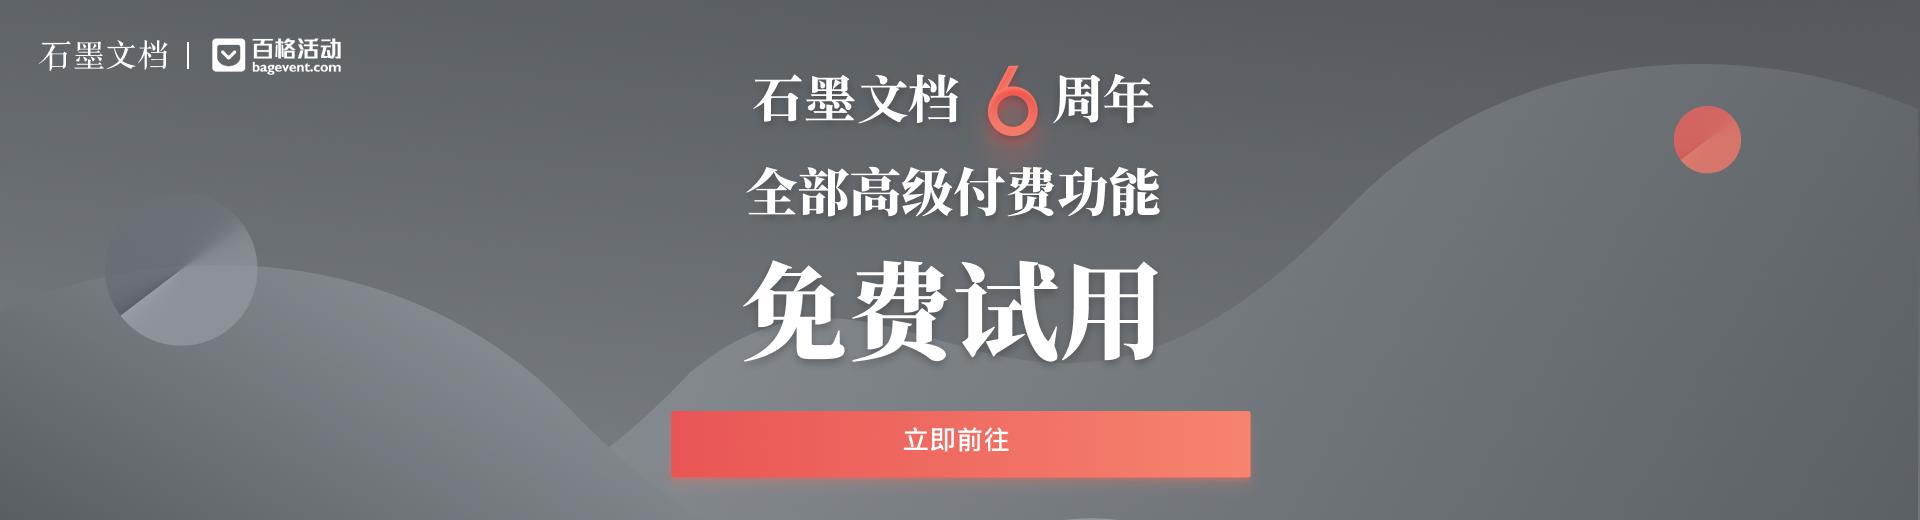 百格活动·石墨文档|6周年福利放送